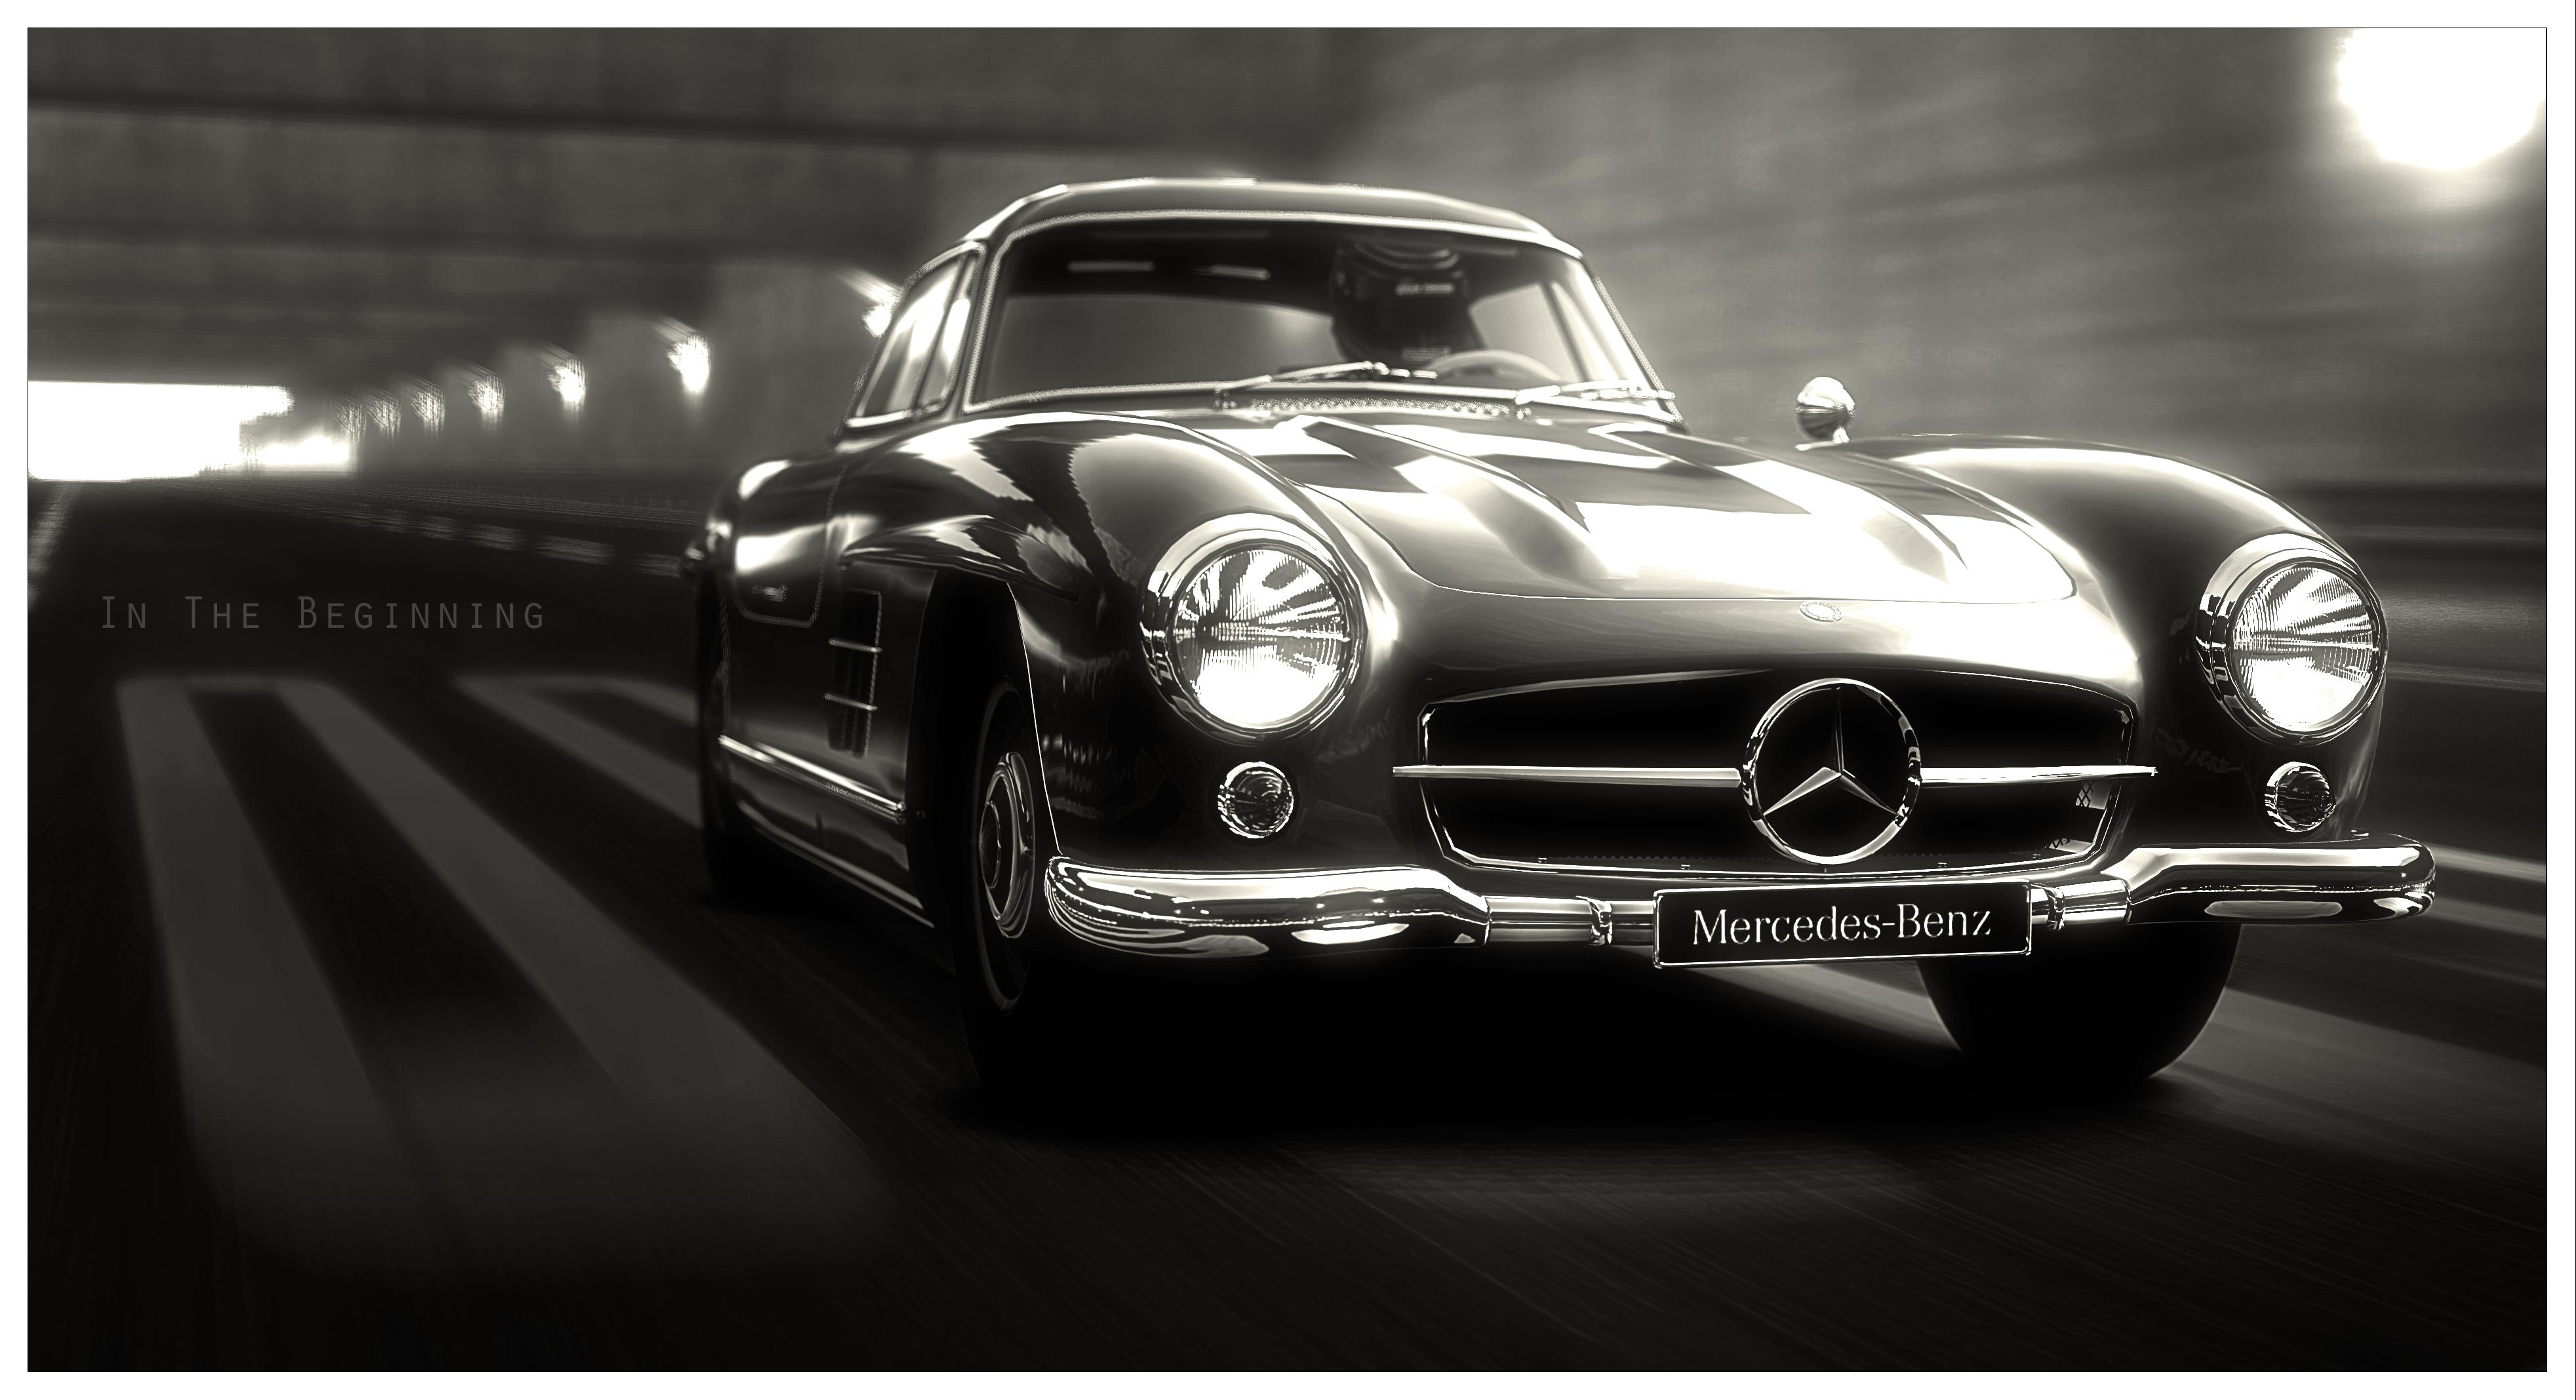 Wallpaper : Mercedes Benz, sports car, brand, classic car ...